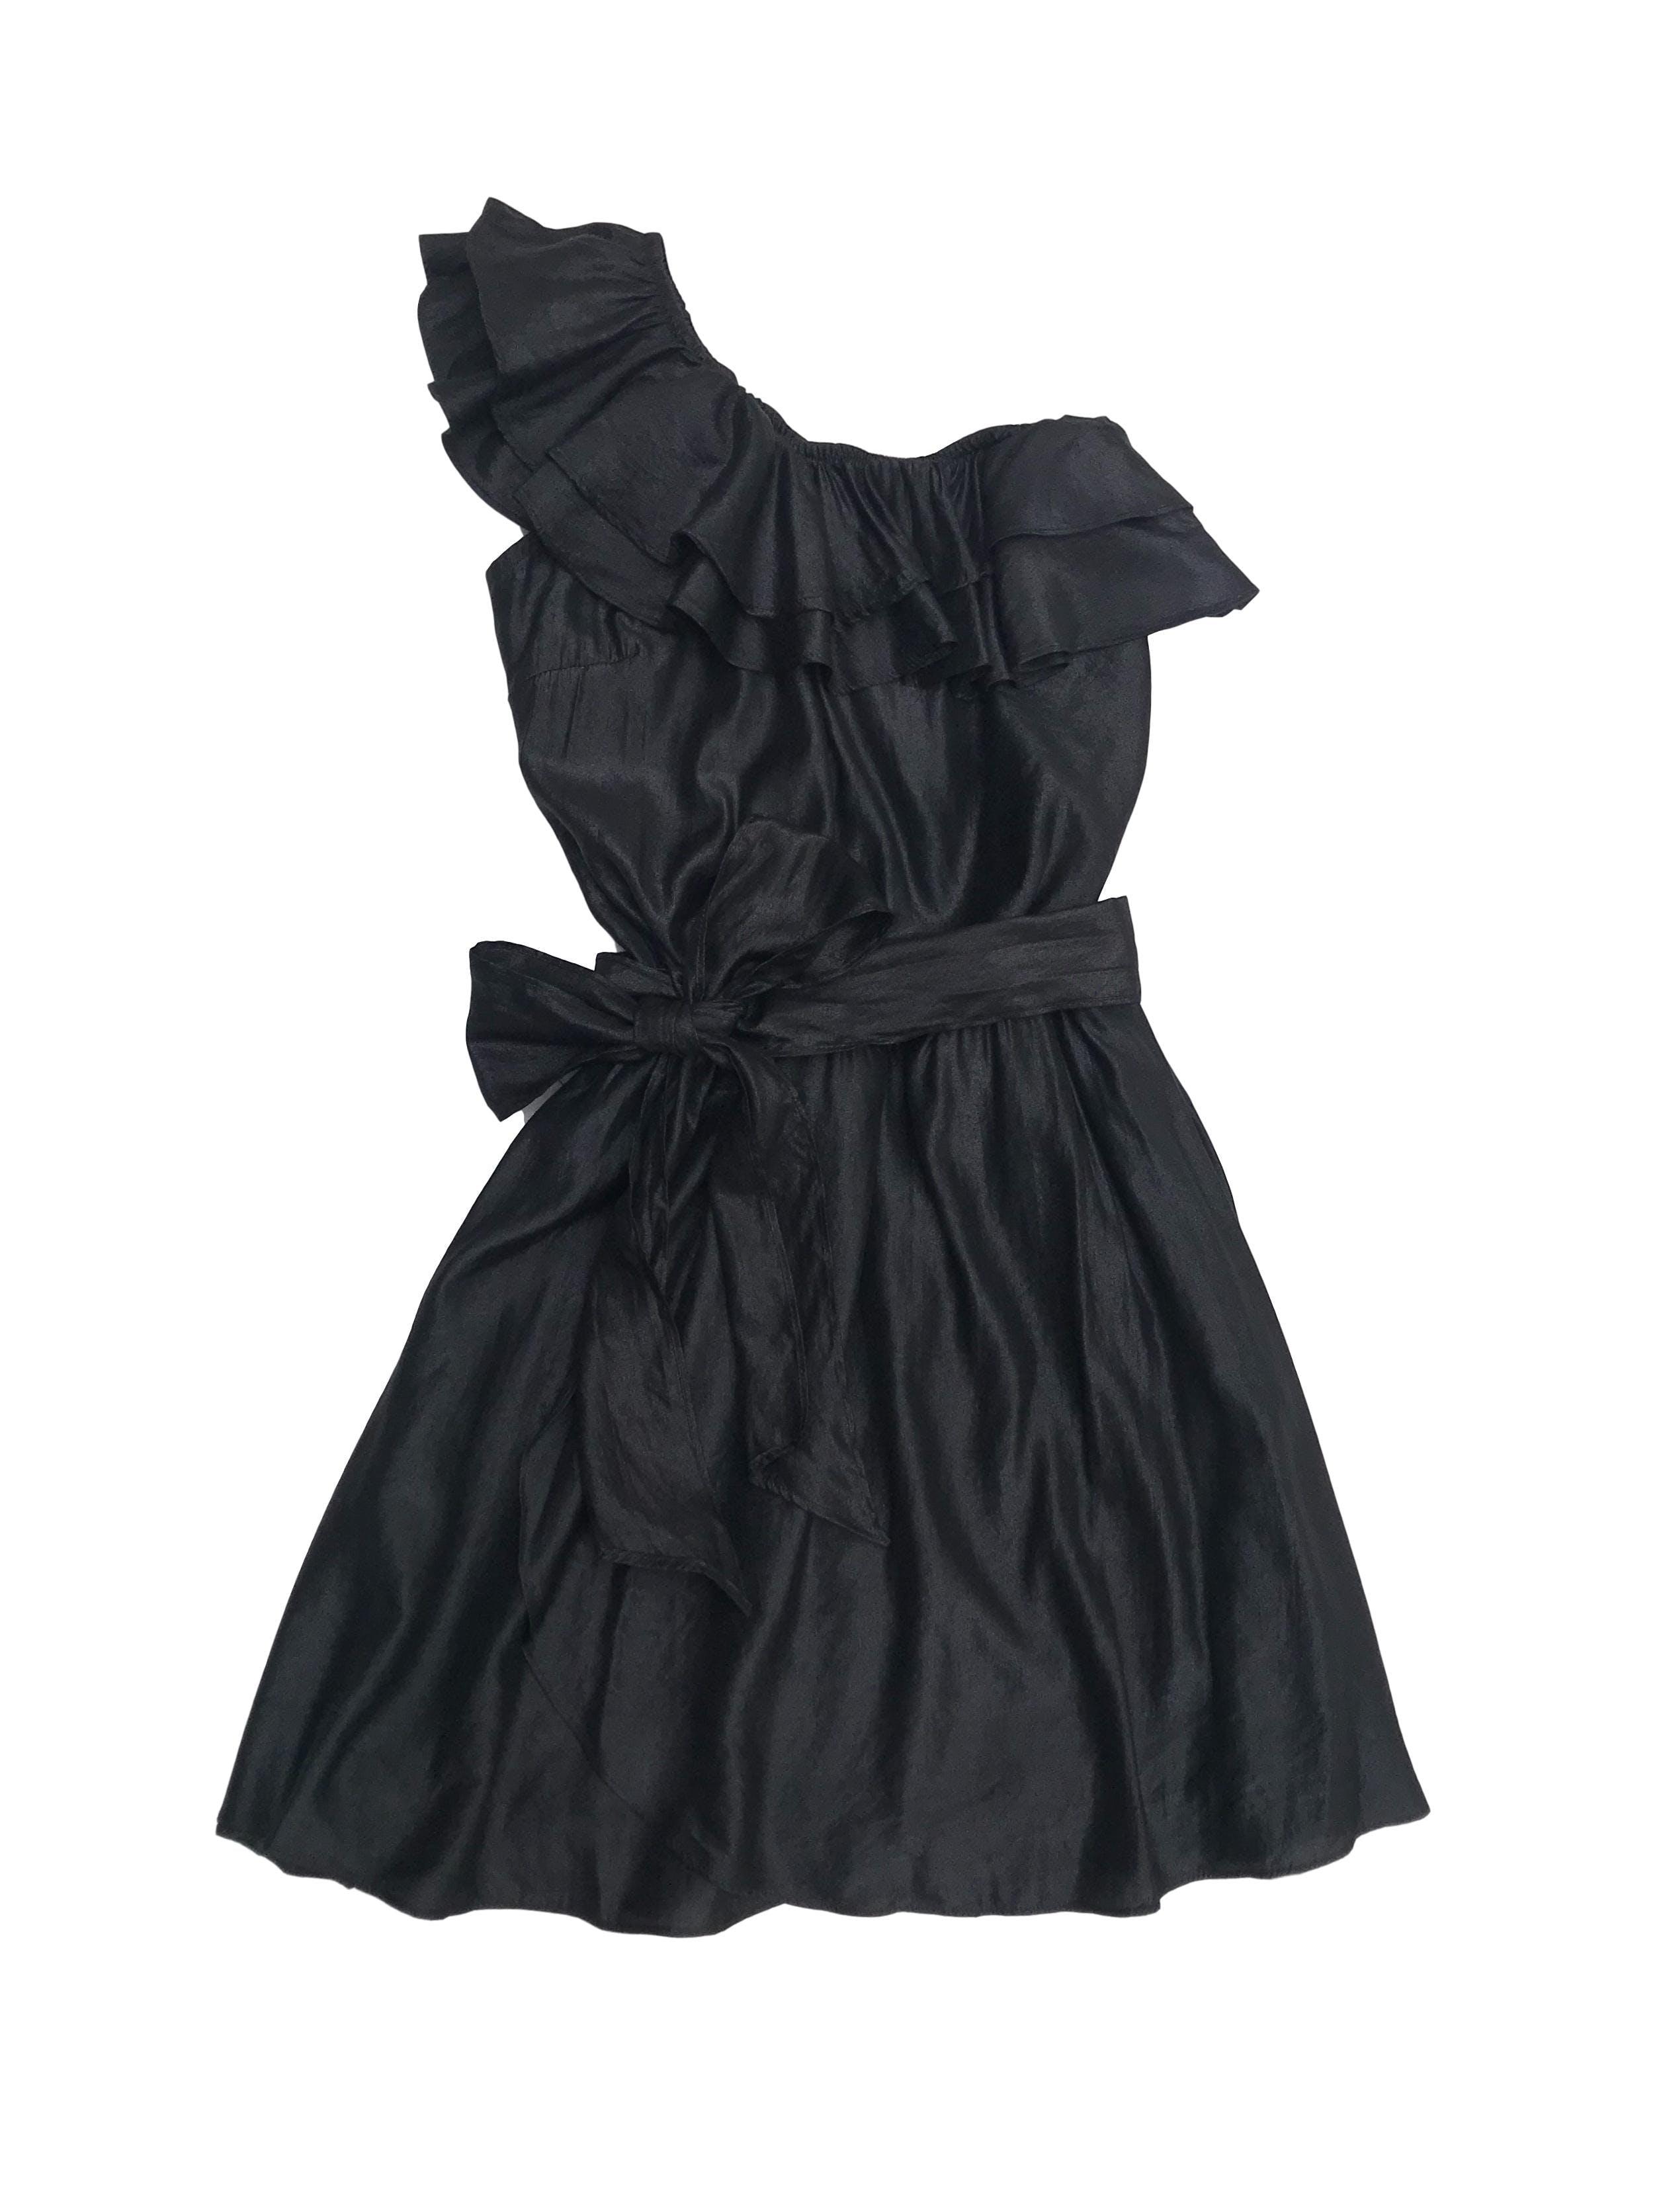 Vestido negro satinado Zazá one shoulder con volantes, forrado, cinto y elástico en la cintura. Largo 80cm